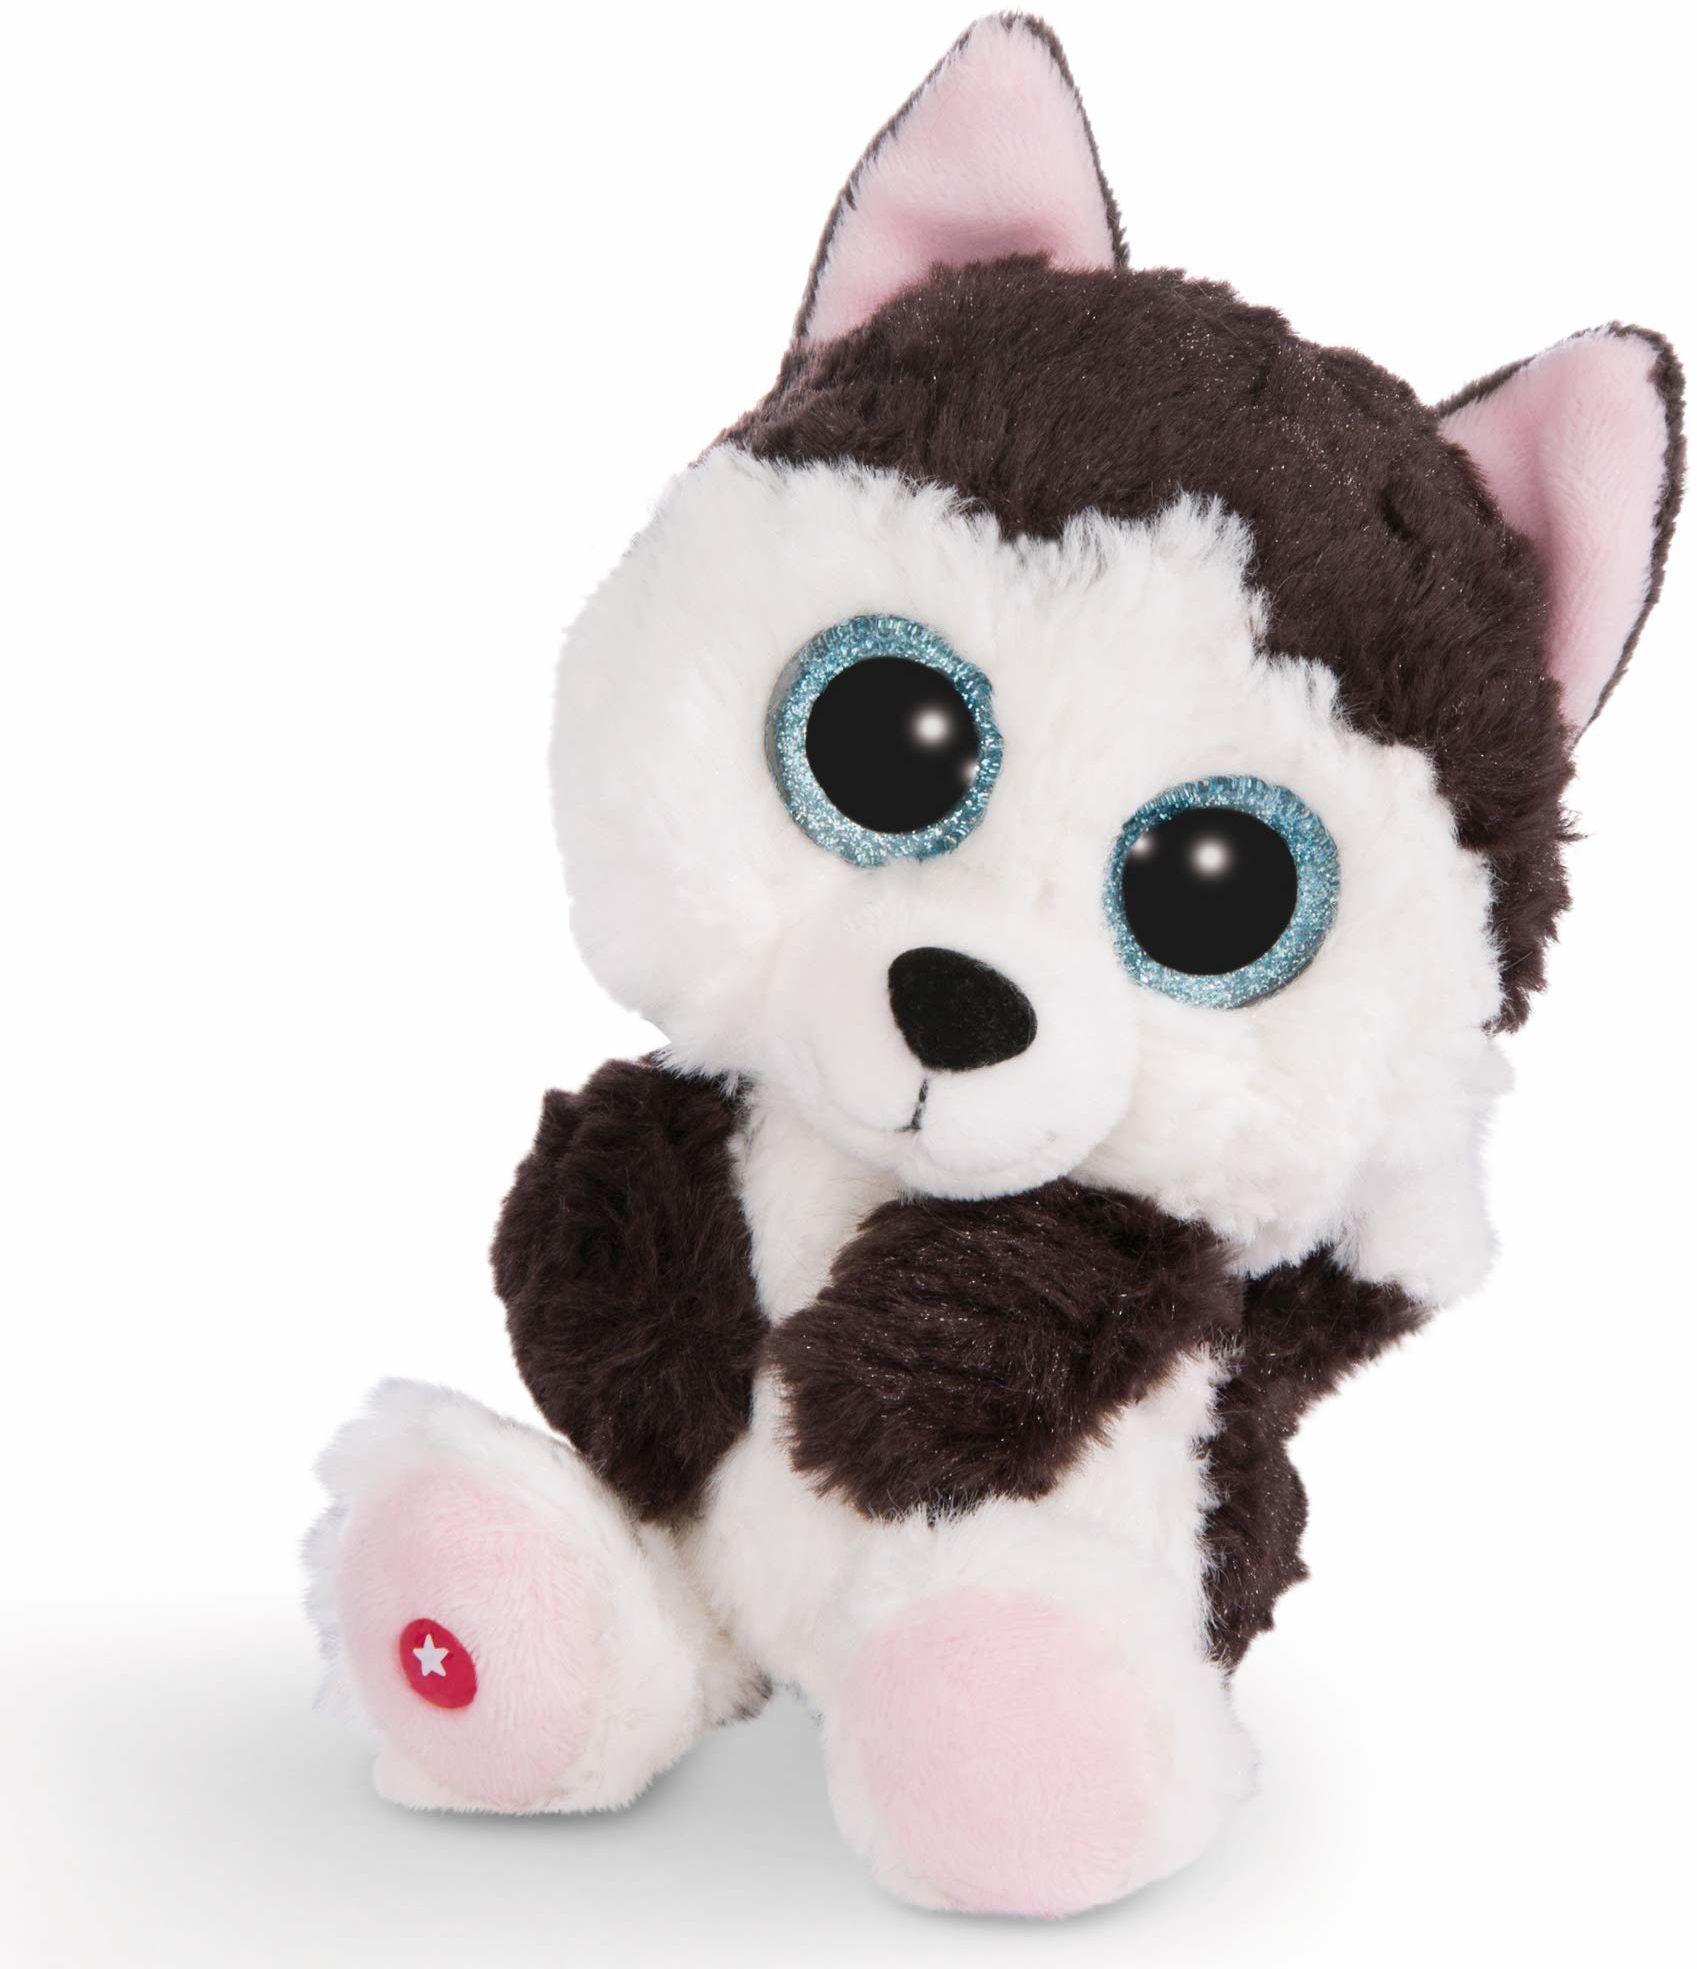 NICI 45558 GLUBSCHIS przytulanka zabawka Husky Barkley 15 cm